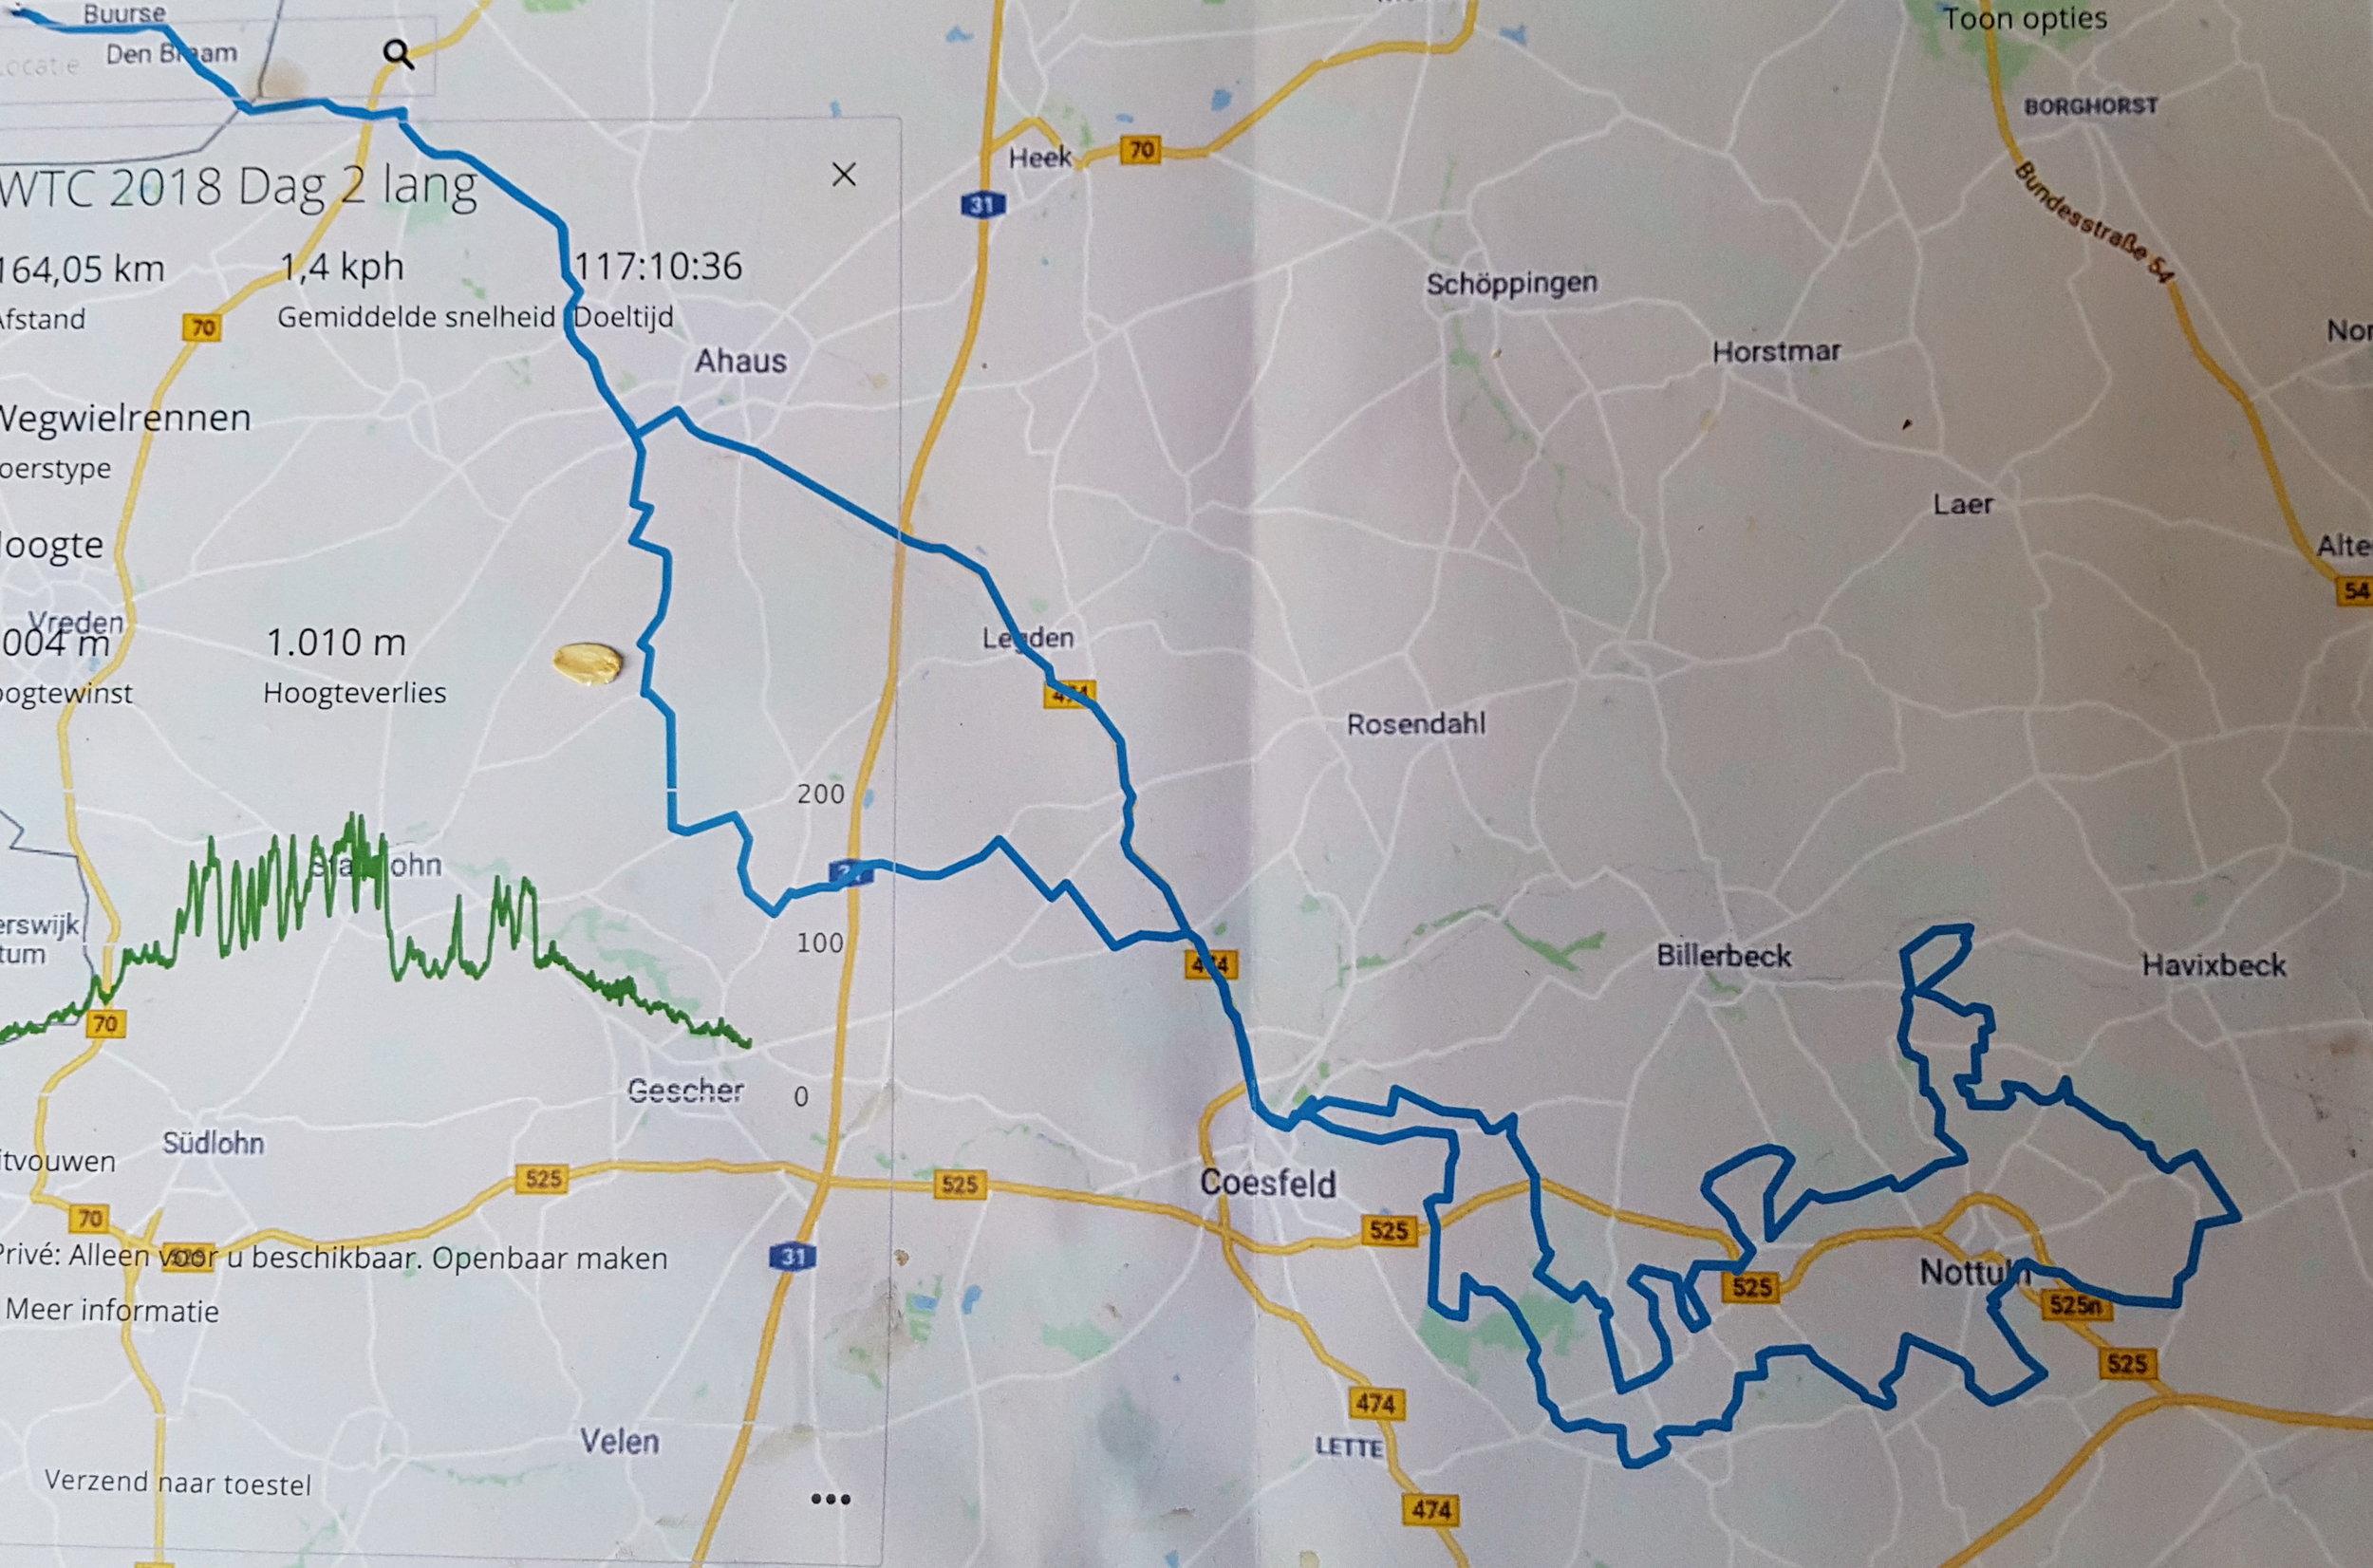 De route van de 2e dag: de koninginnenrit van bijna 160 km met 1 km hoogteverschil. De route lijkt op de route van de  Baumberge  tocht van FTC Wenters uit Winterswijk.